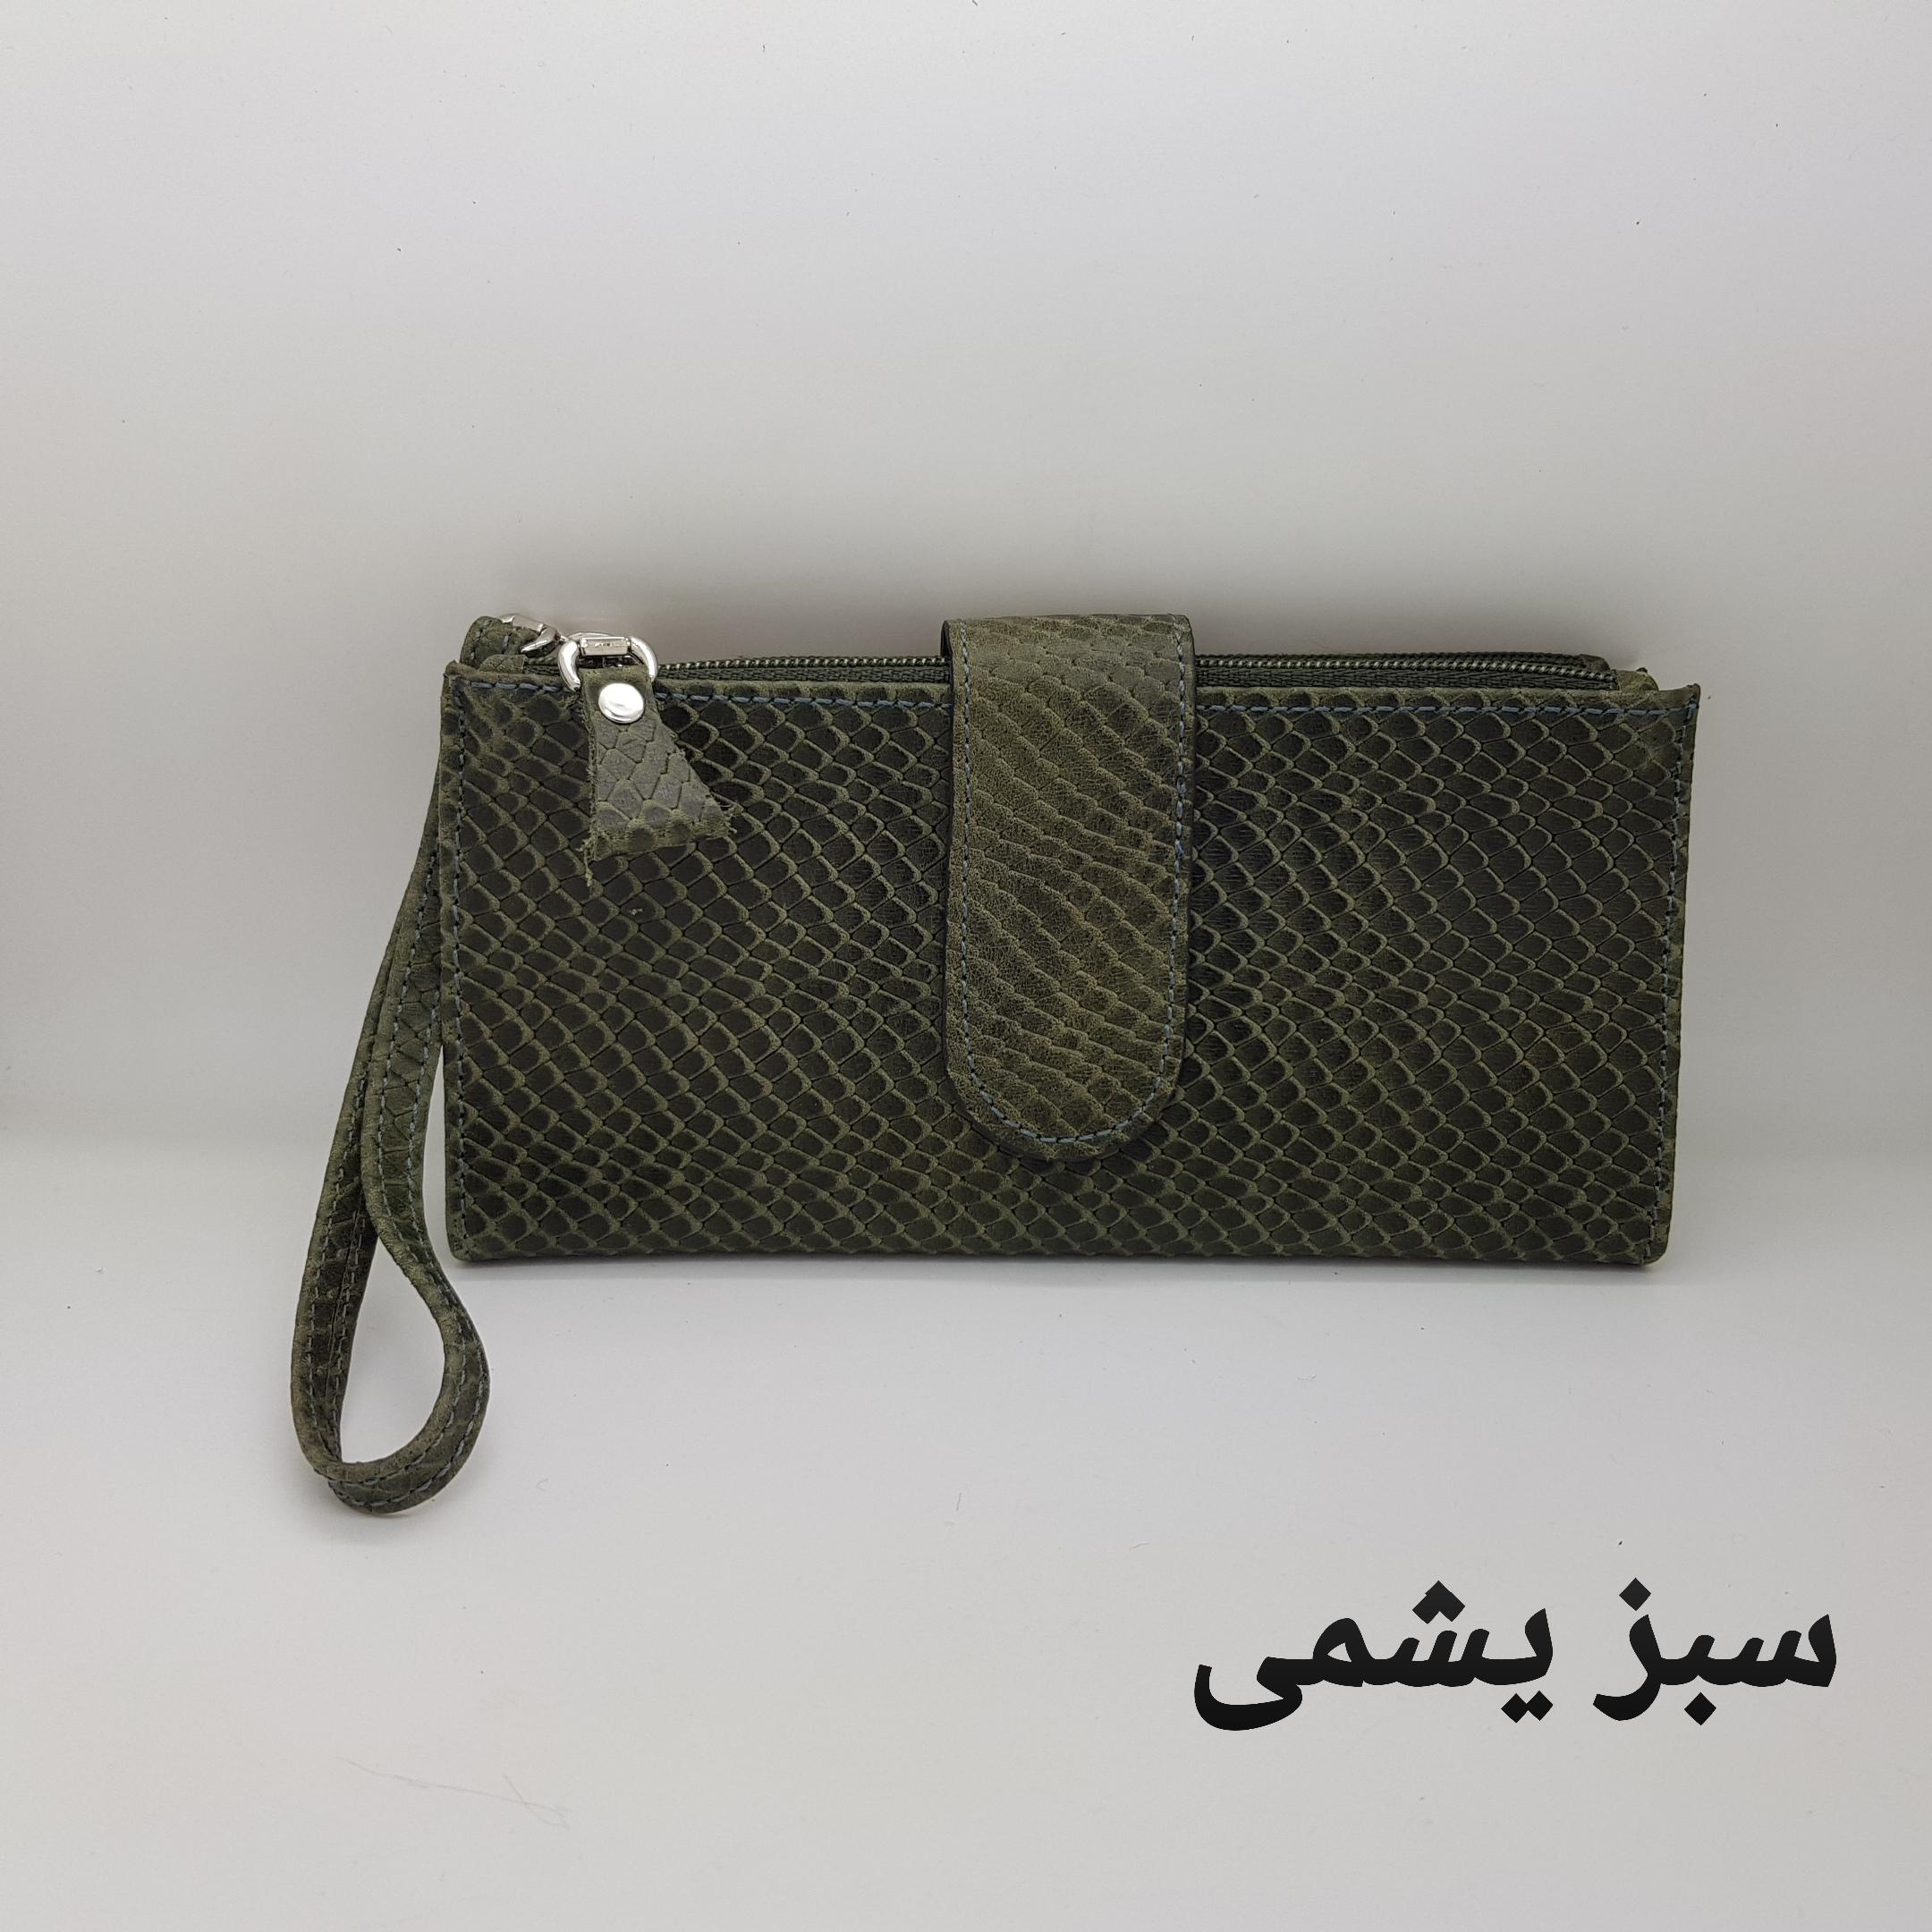 کیف پول زنانه چرم دیاکو کد327 -  - 17